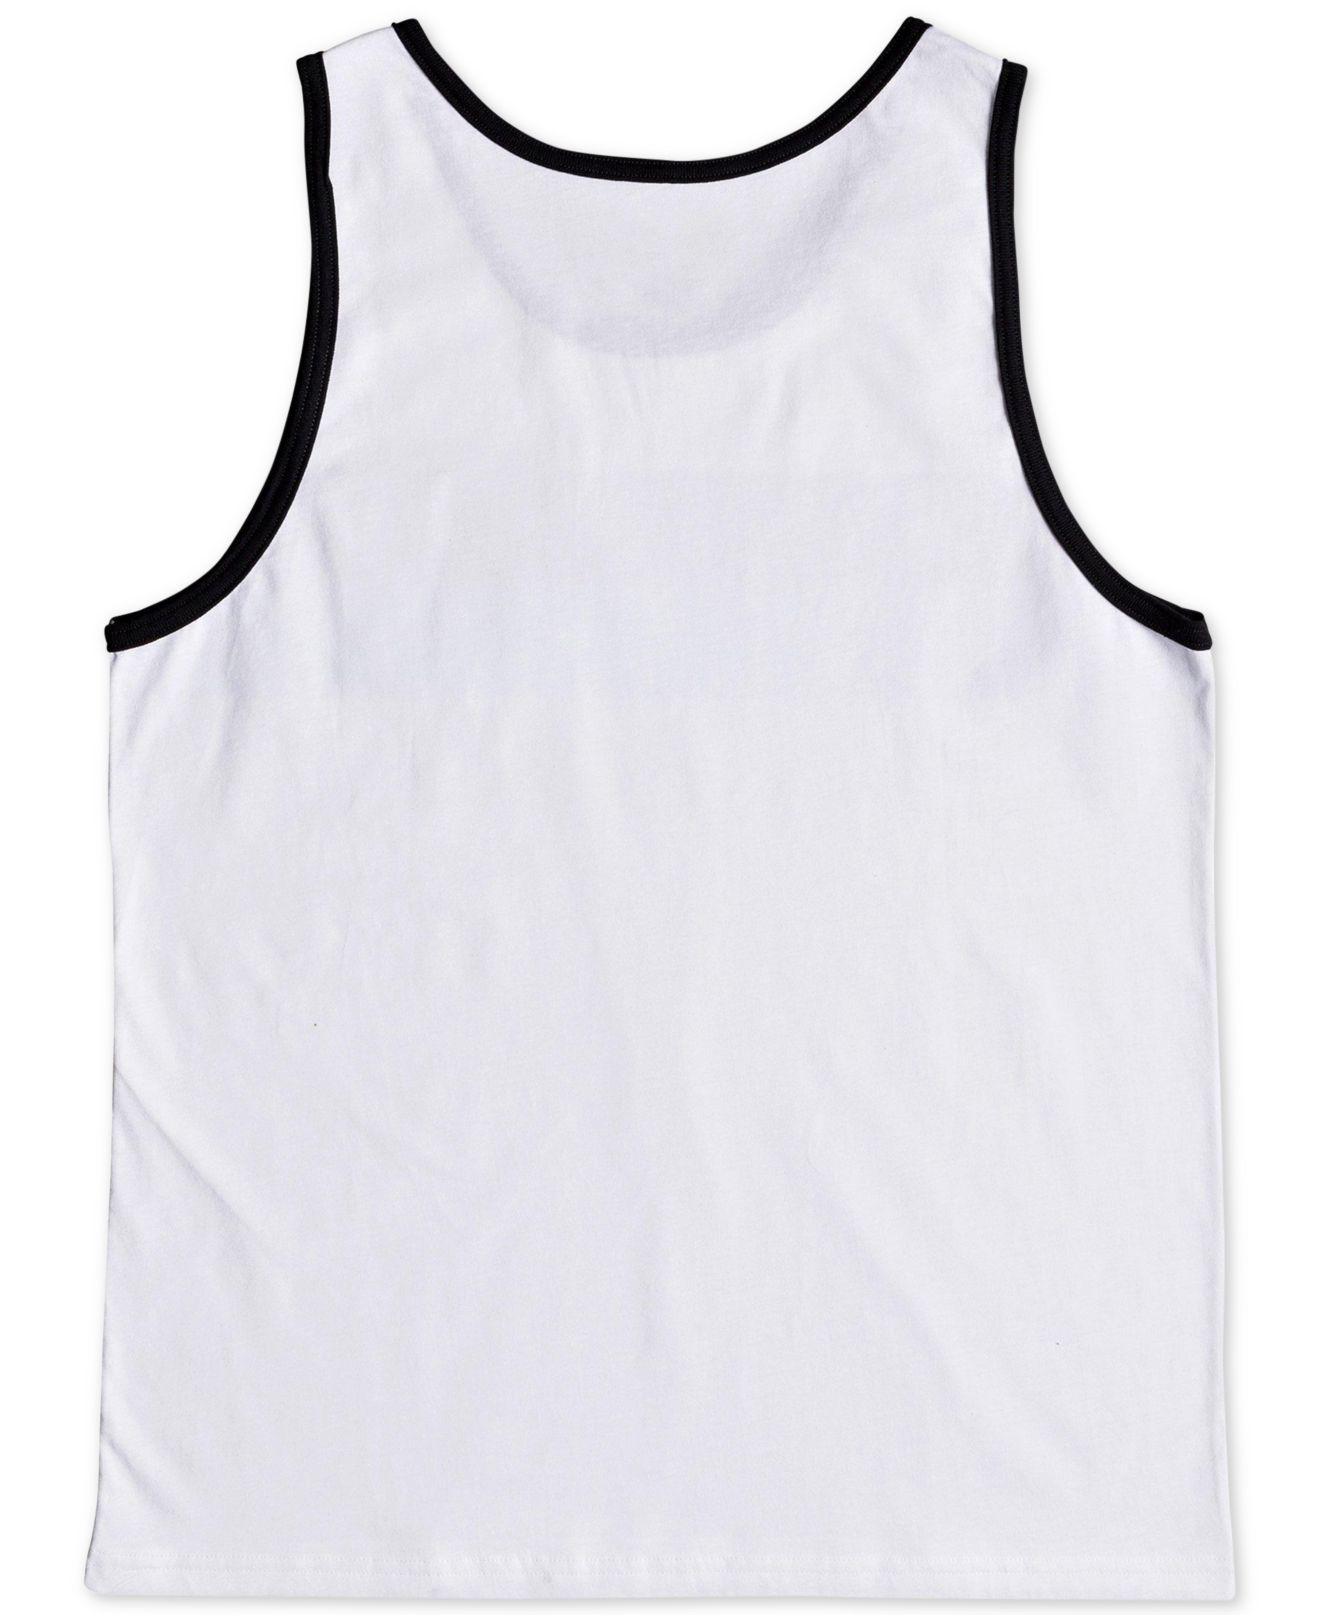 ee9ec0a62034a Lyst - Quiksilver Peaceful Progression Stripe Pocket Tank in White ...